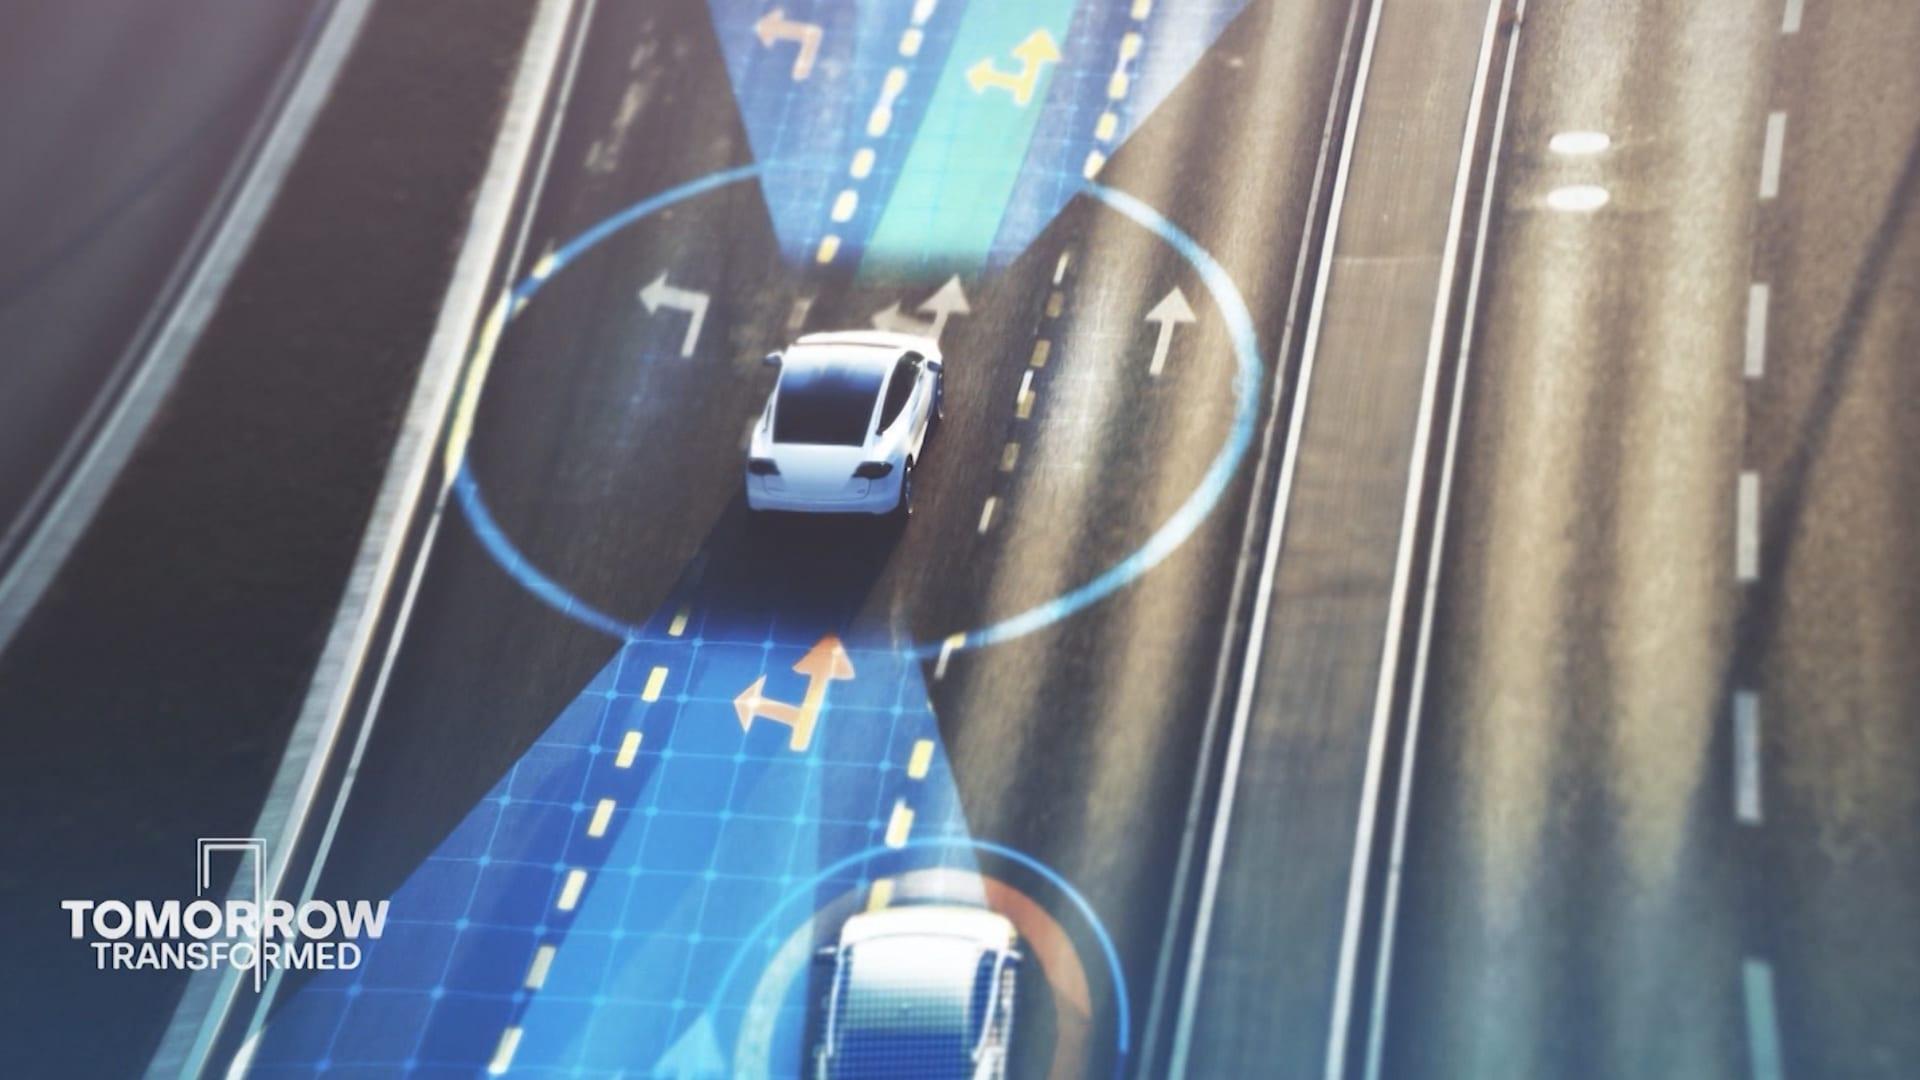 مع وسائل النقل المستقبلية.. هل يصبح المجتمع مكانا أفضل؟